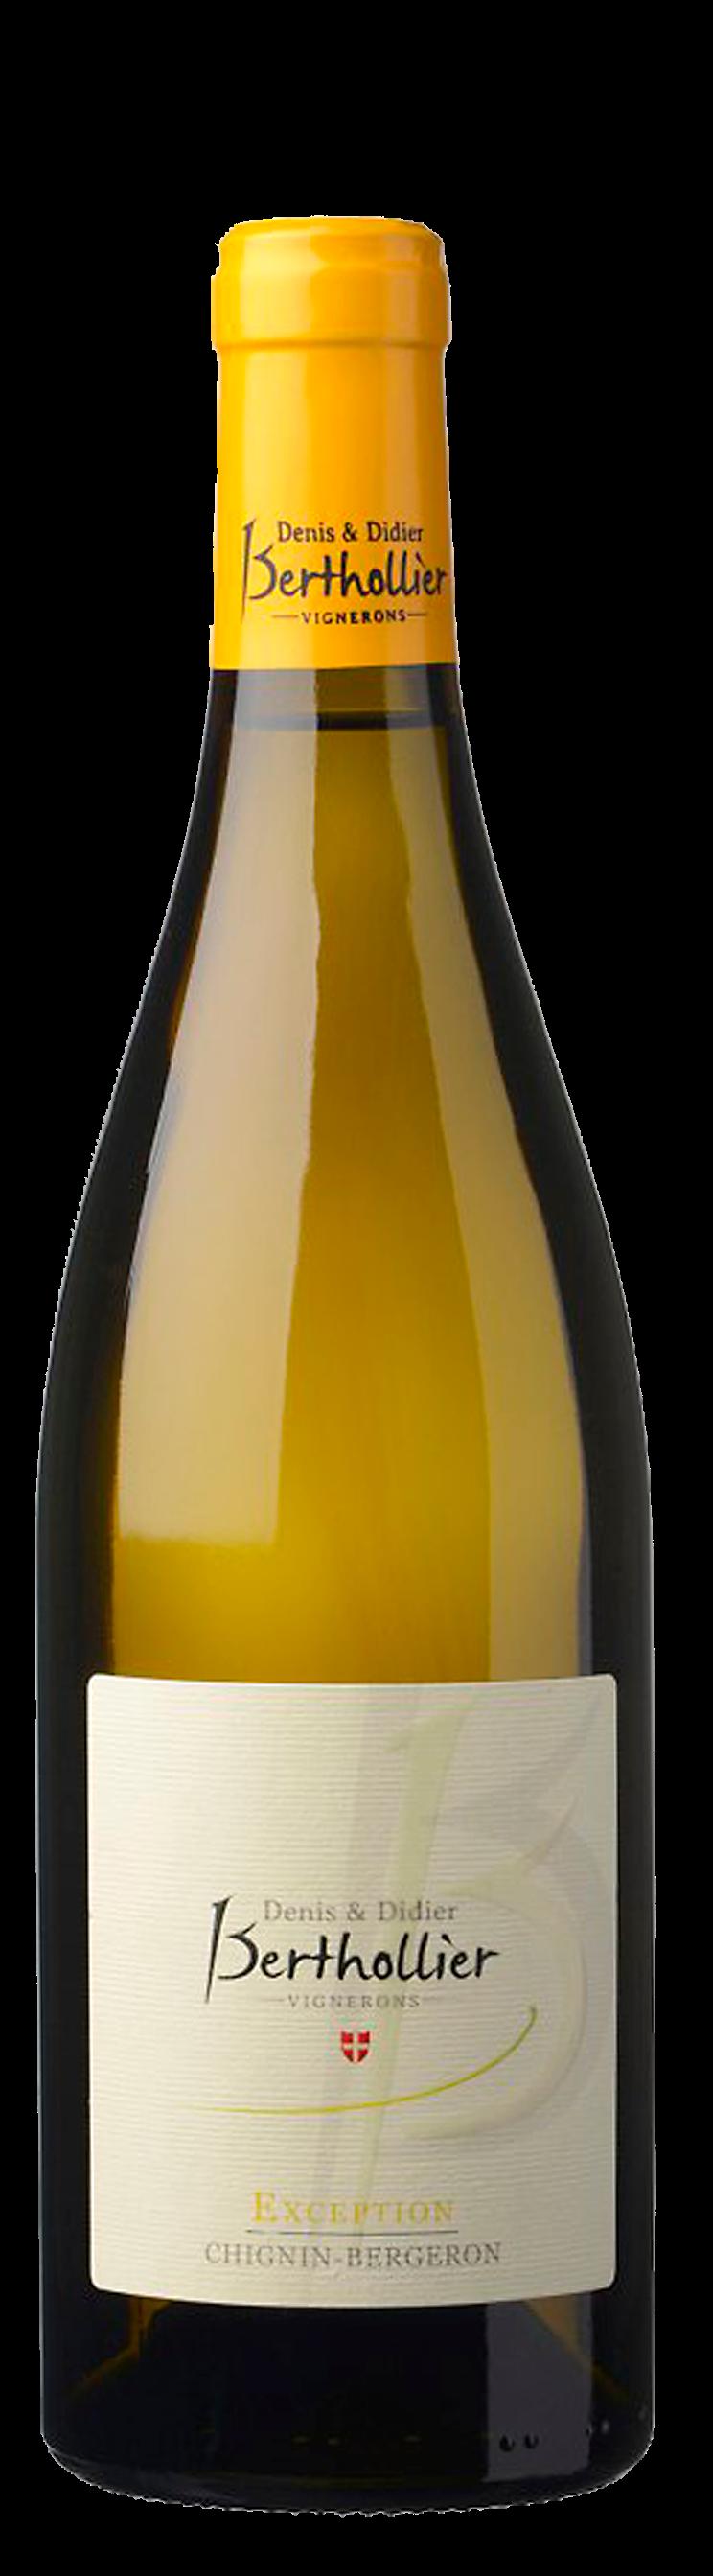 Denis et Didier Berthollie Chignin-Bergeron Exeption Vin de Savoier